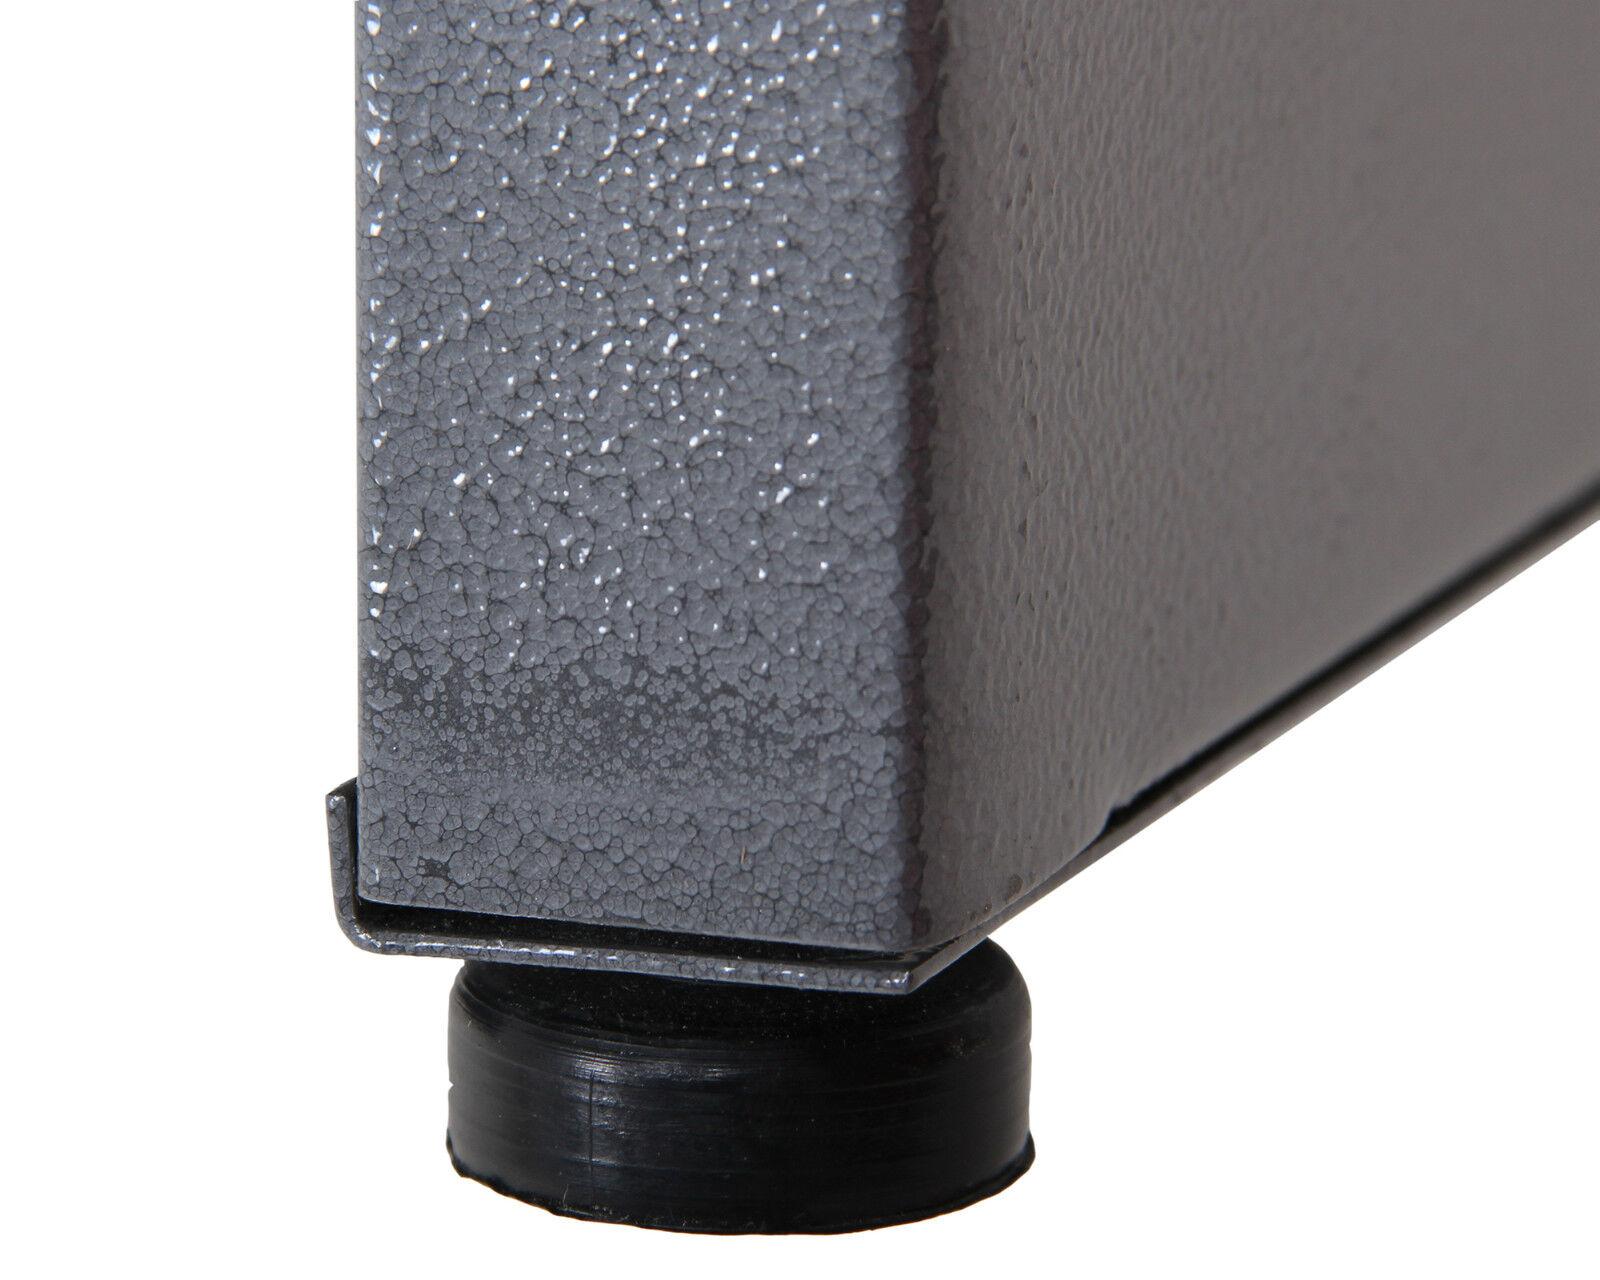 werkstatteinrichtung werkstatt werkbank werkzeugschrank lochwand m led leuchten eur 604 95. Black Bedroom Furniture Sets. Home Design Ideas